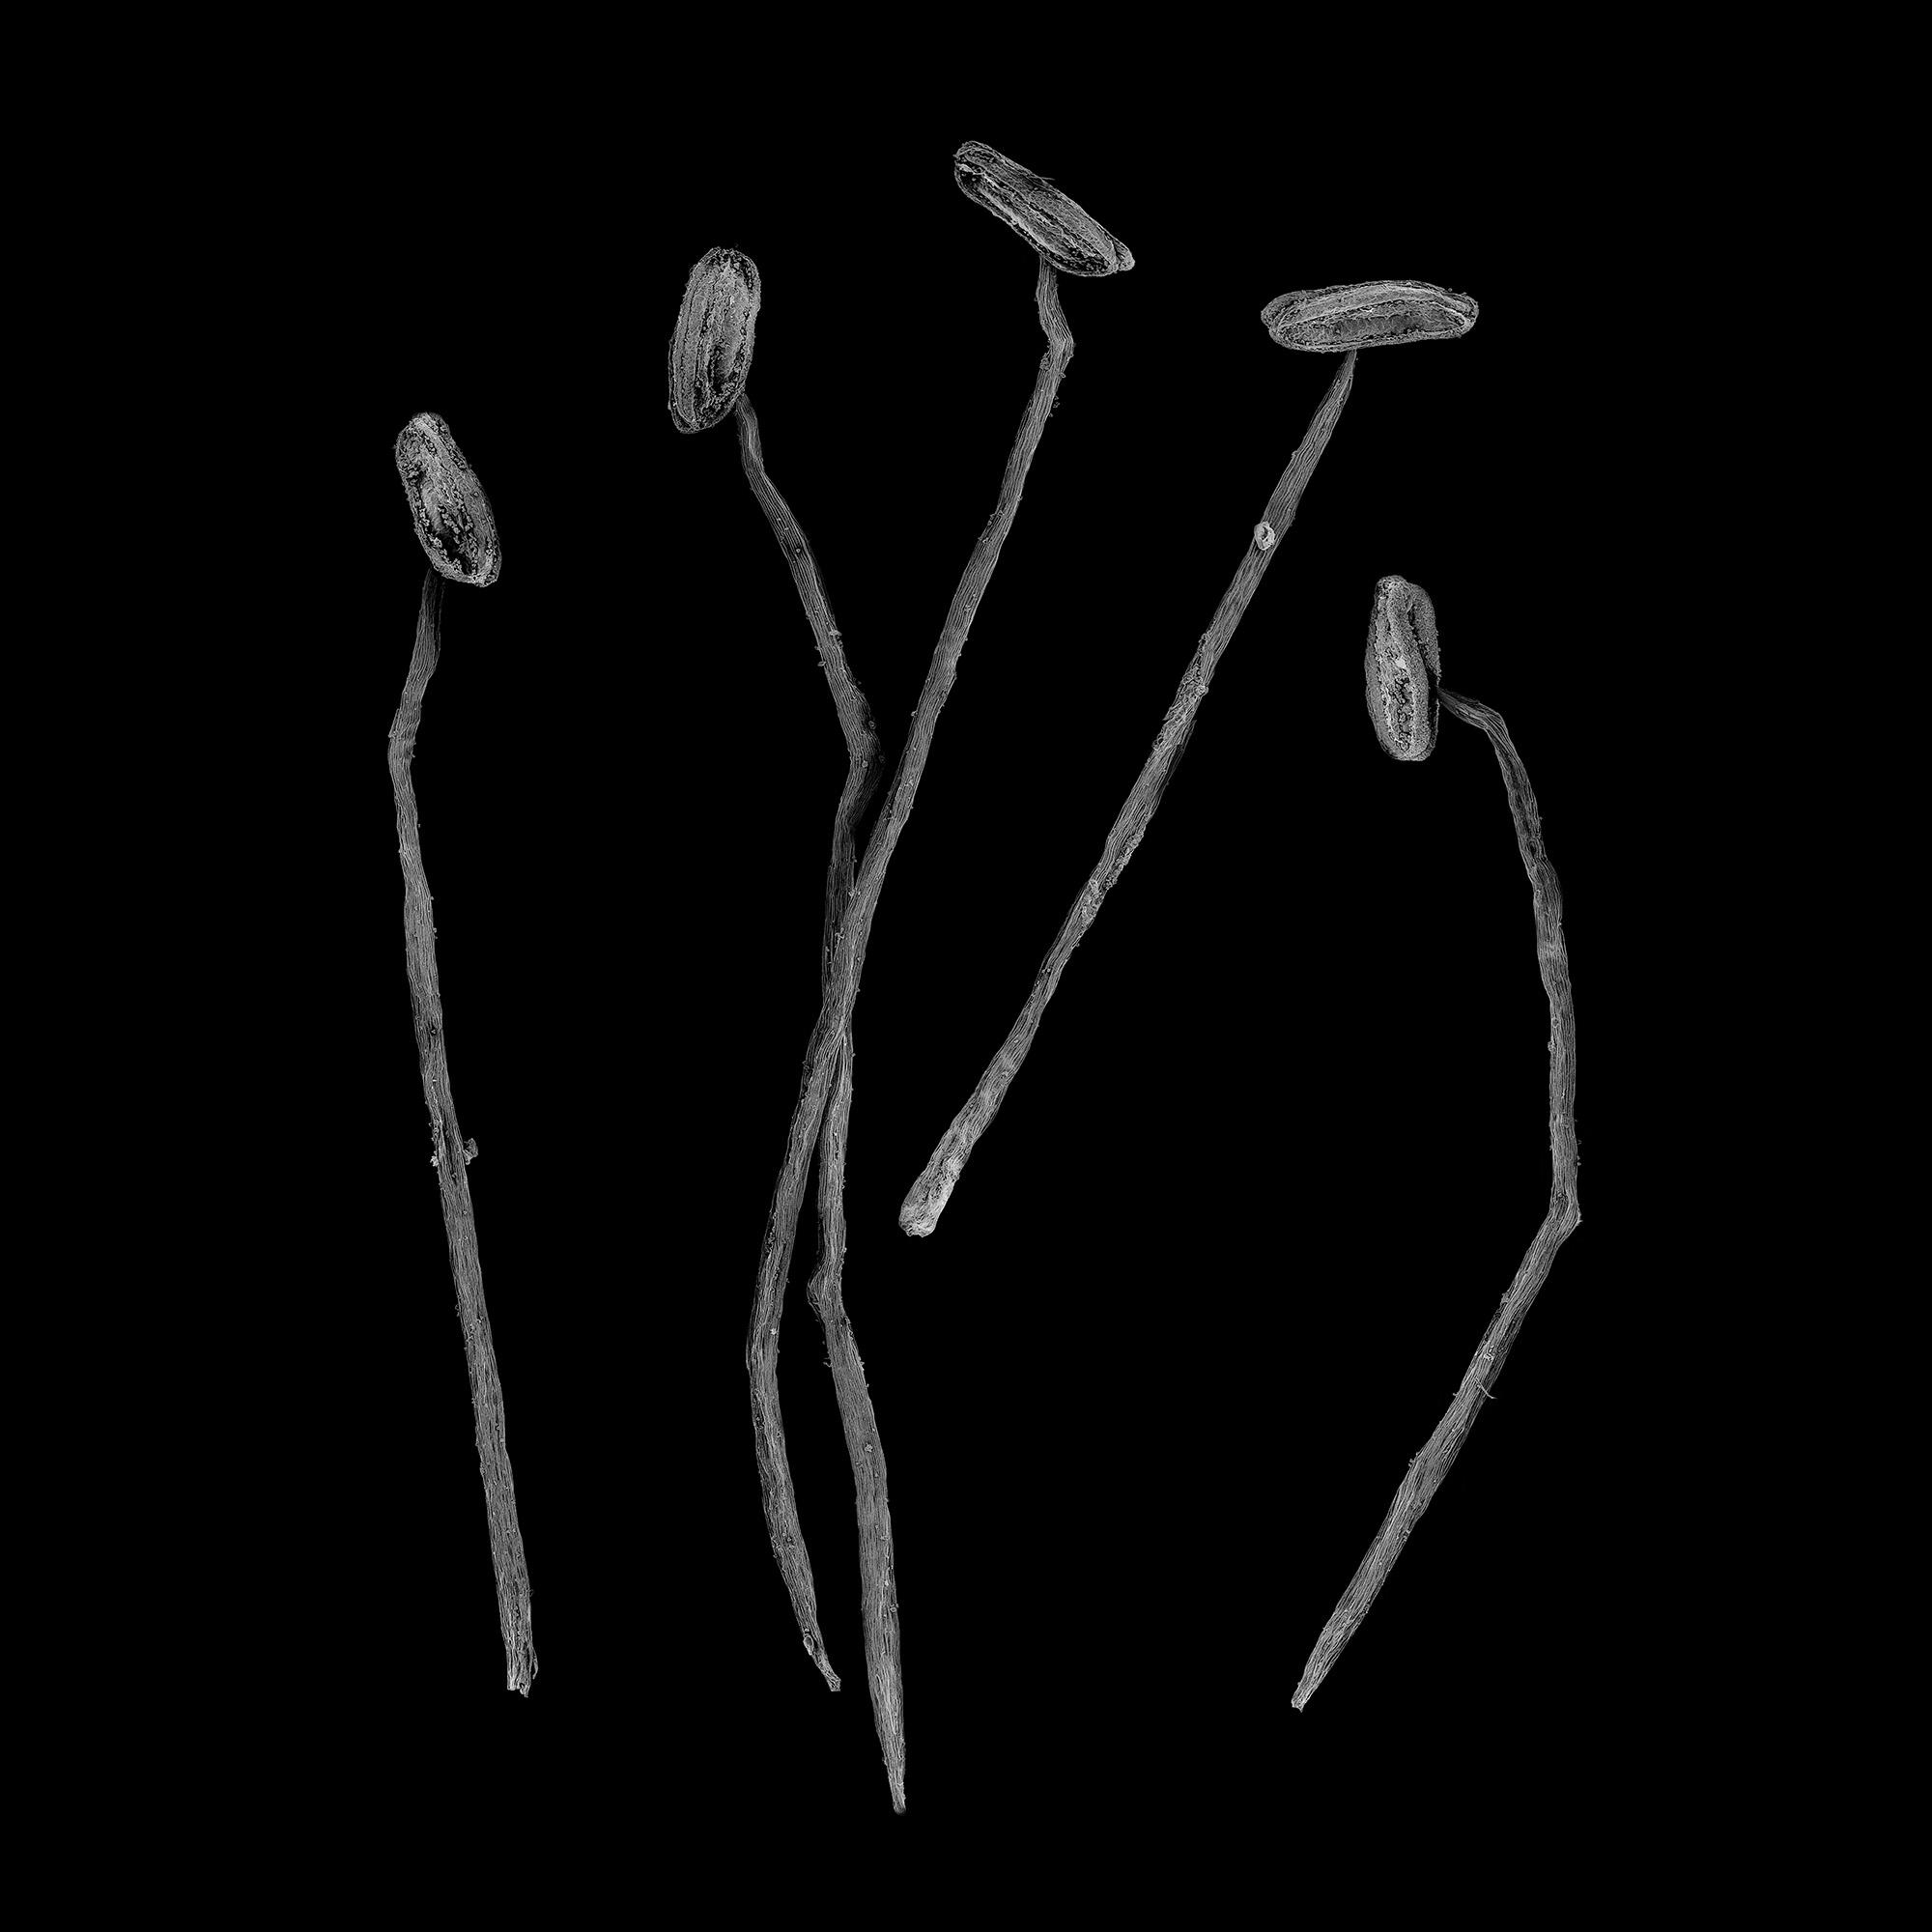 Elise_Gellweiler_Stamen_2017_50cmx50cm_Microscopy.jpg